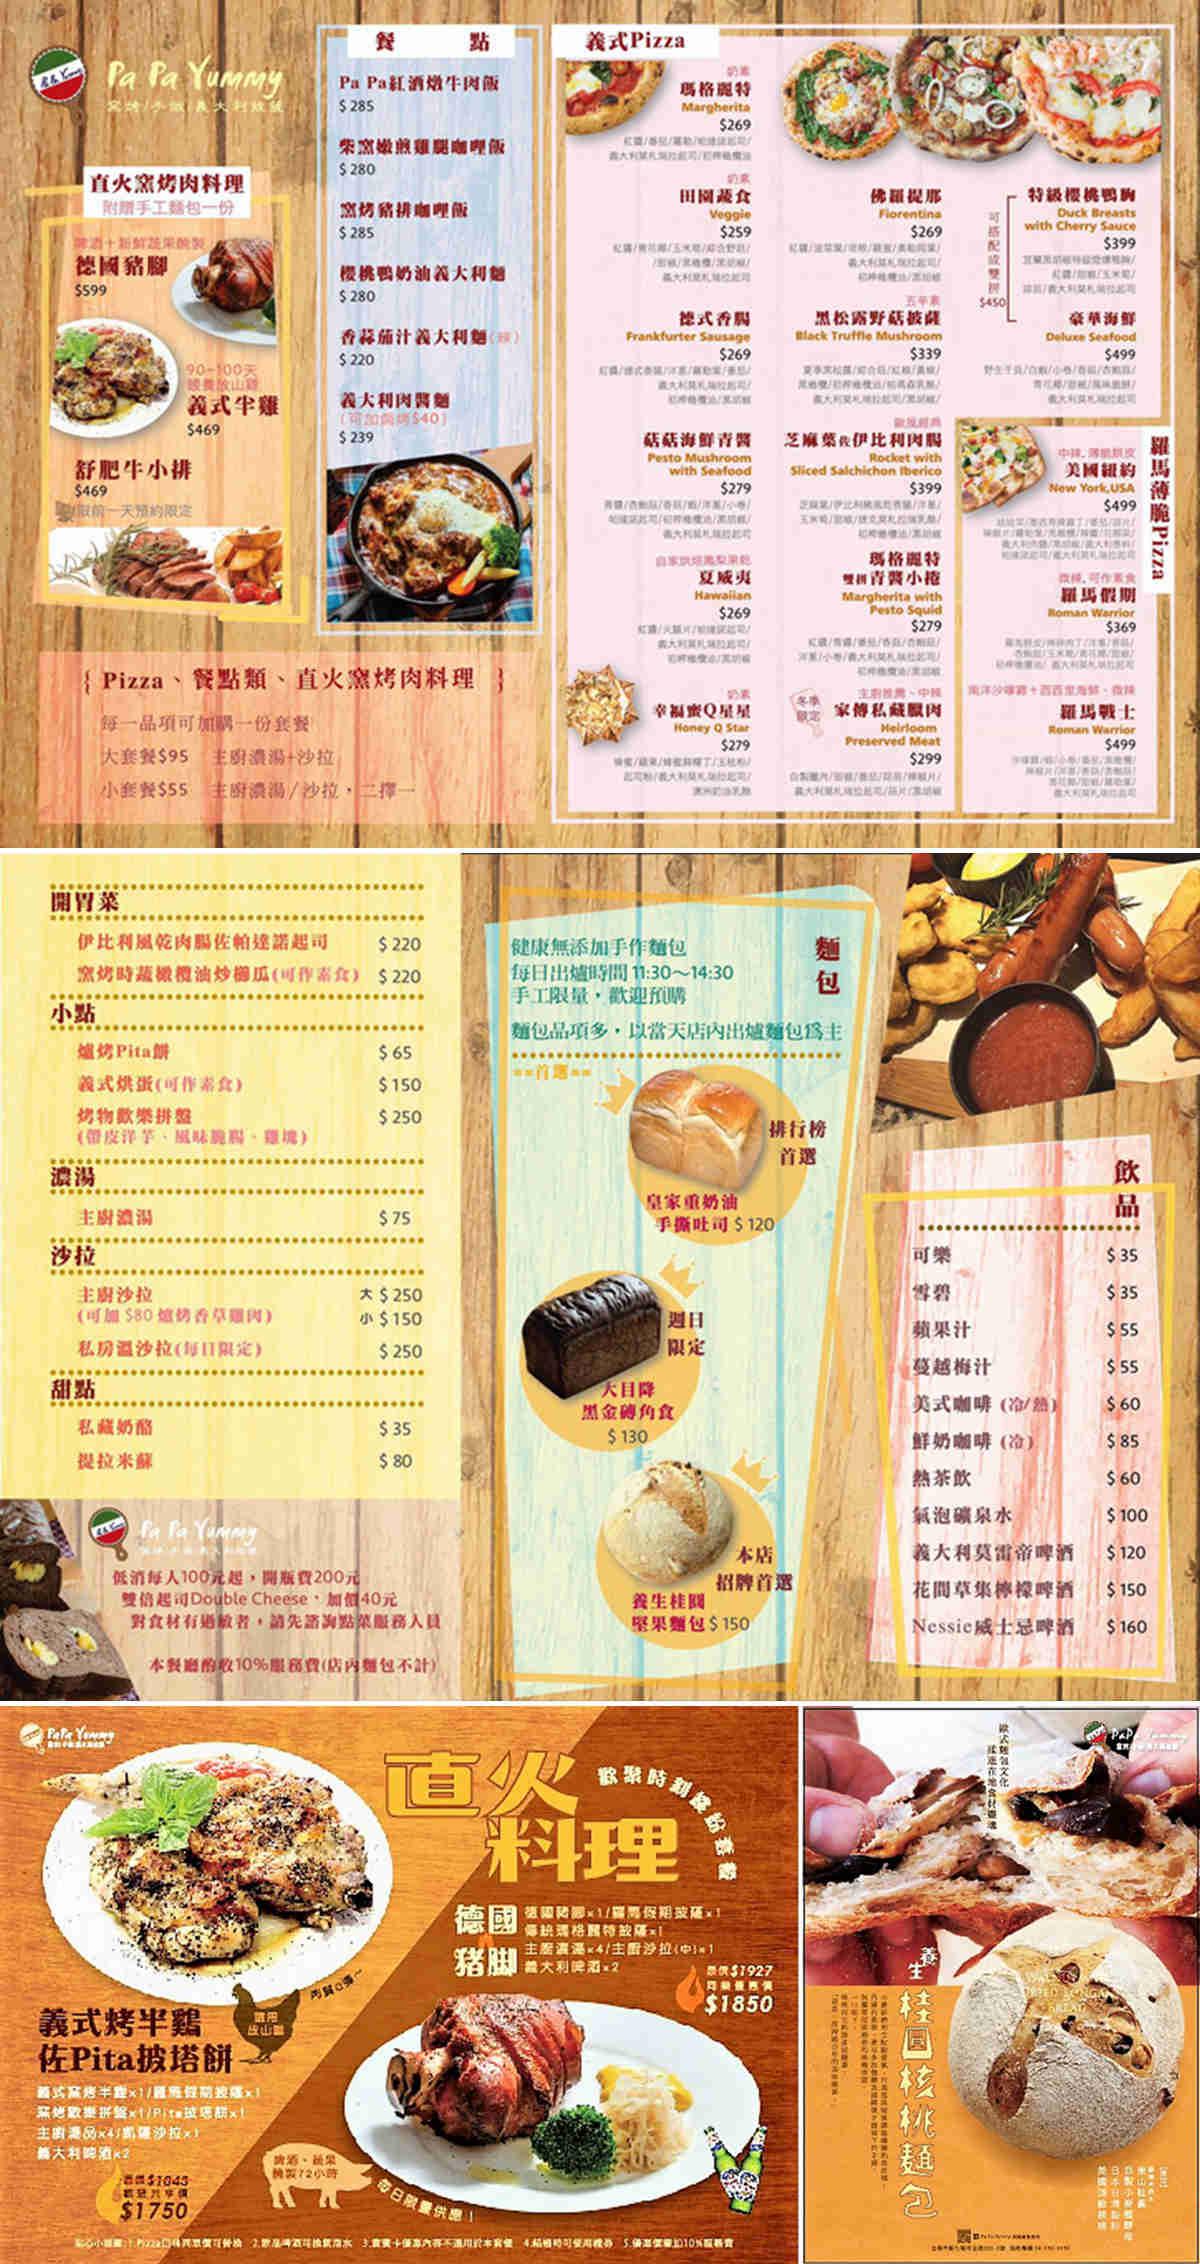 台南pizzea套餐美食推薦-Pa Pa Yummy柴燒美食基地